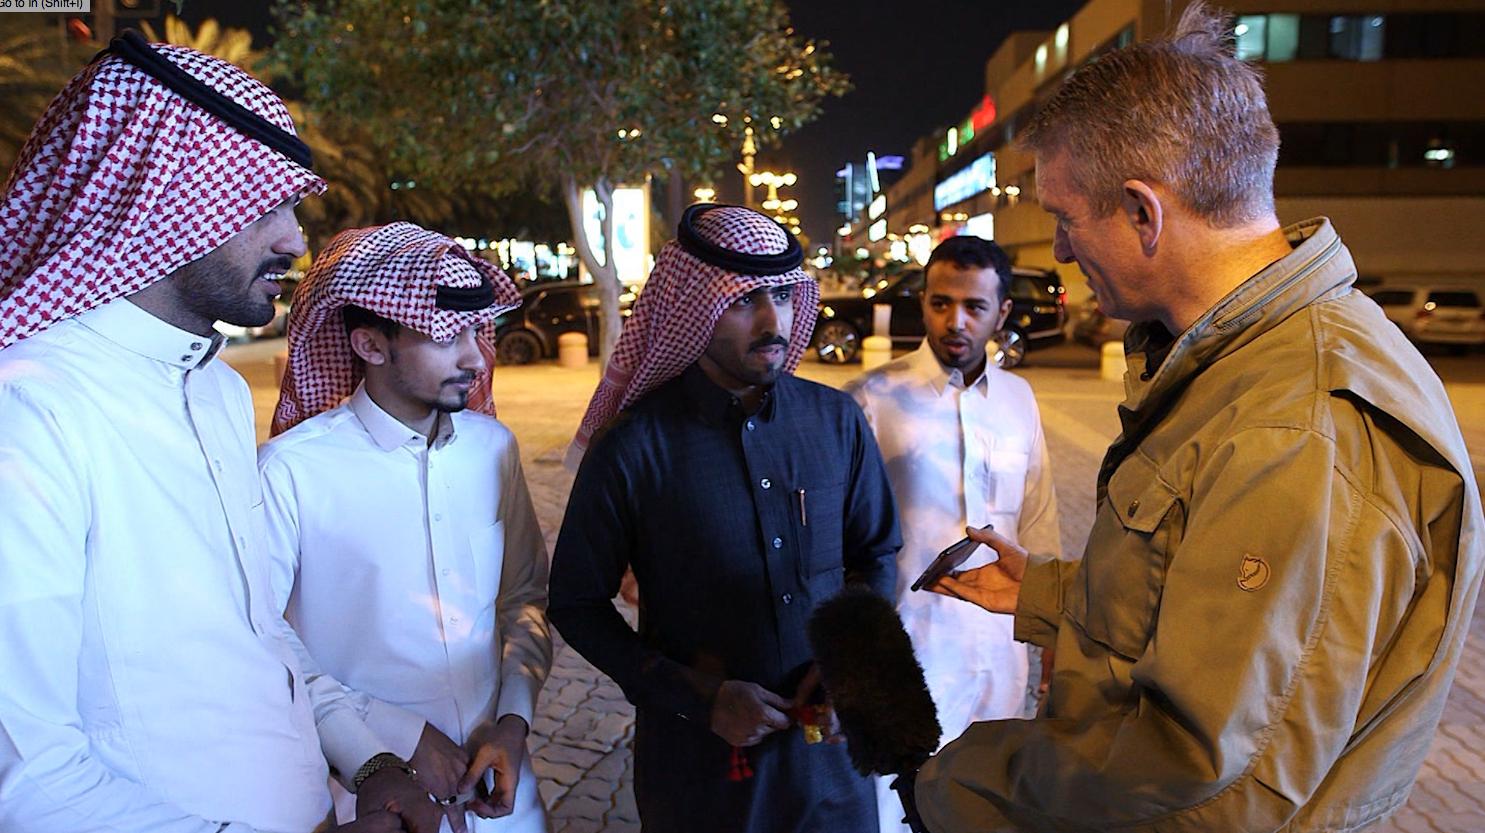 شاهد ردود فعل السعوديين في الشارع عند رؤية صورة دونالد ترامب